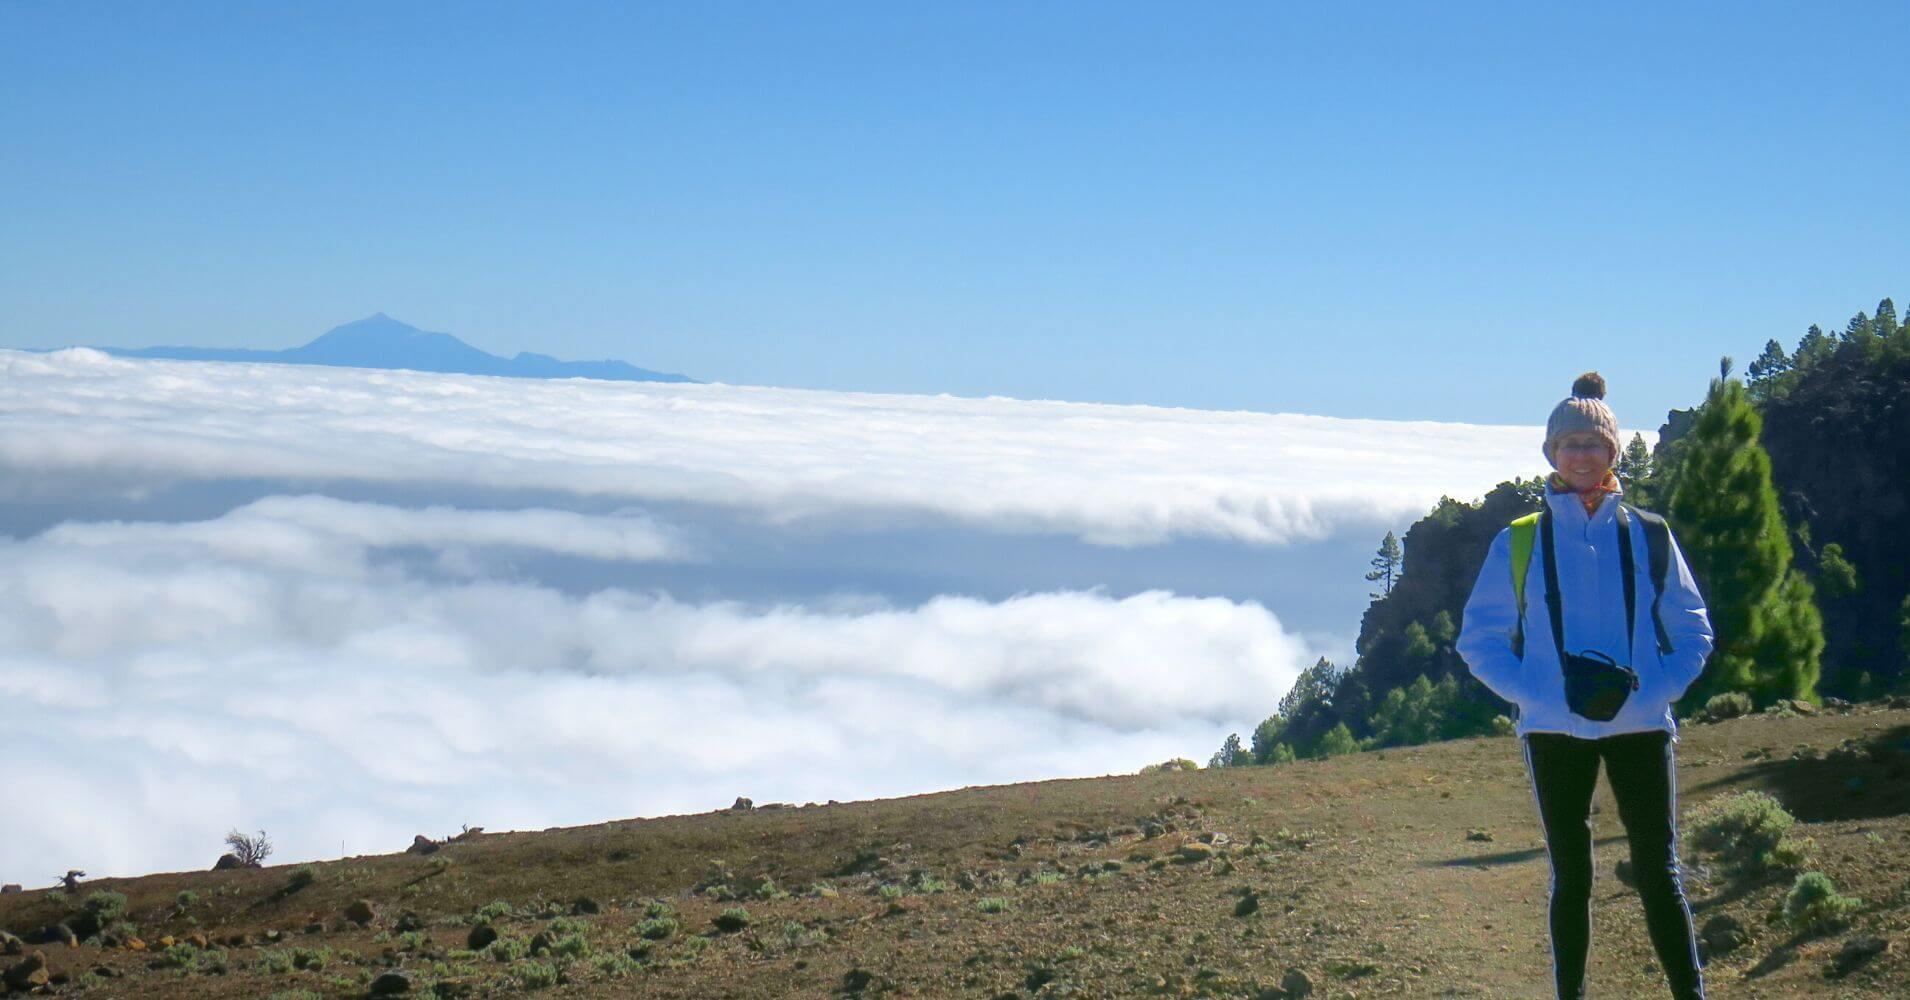 La Isla de la Palma en Invierno. Mar de Nubes, Isla de La Palma. Islas Canarias.